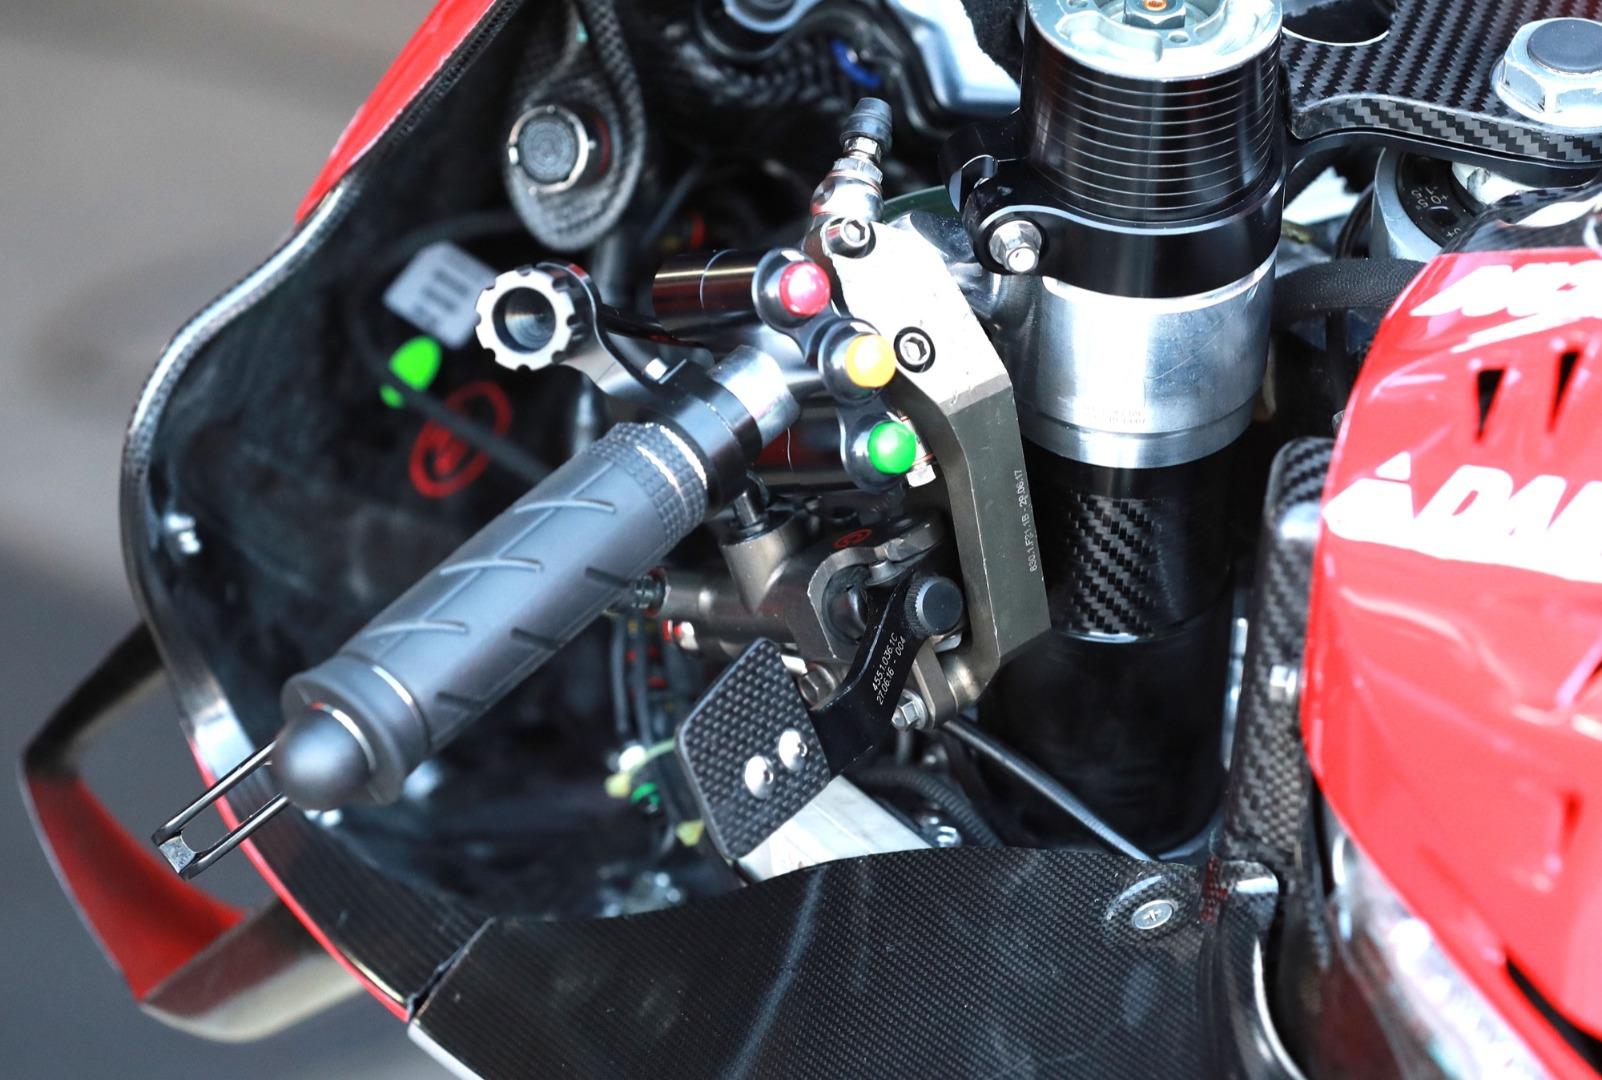 Las motos de MotoGP 2020 - Honda, Ducati, Yamaha & KTM